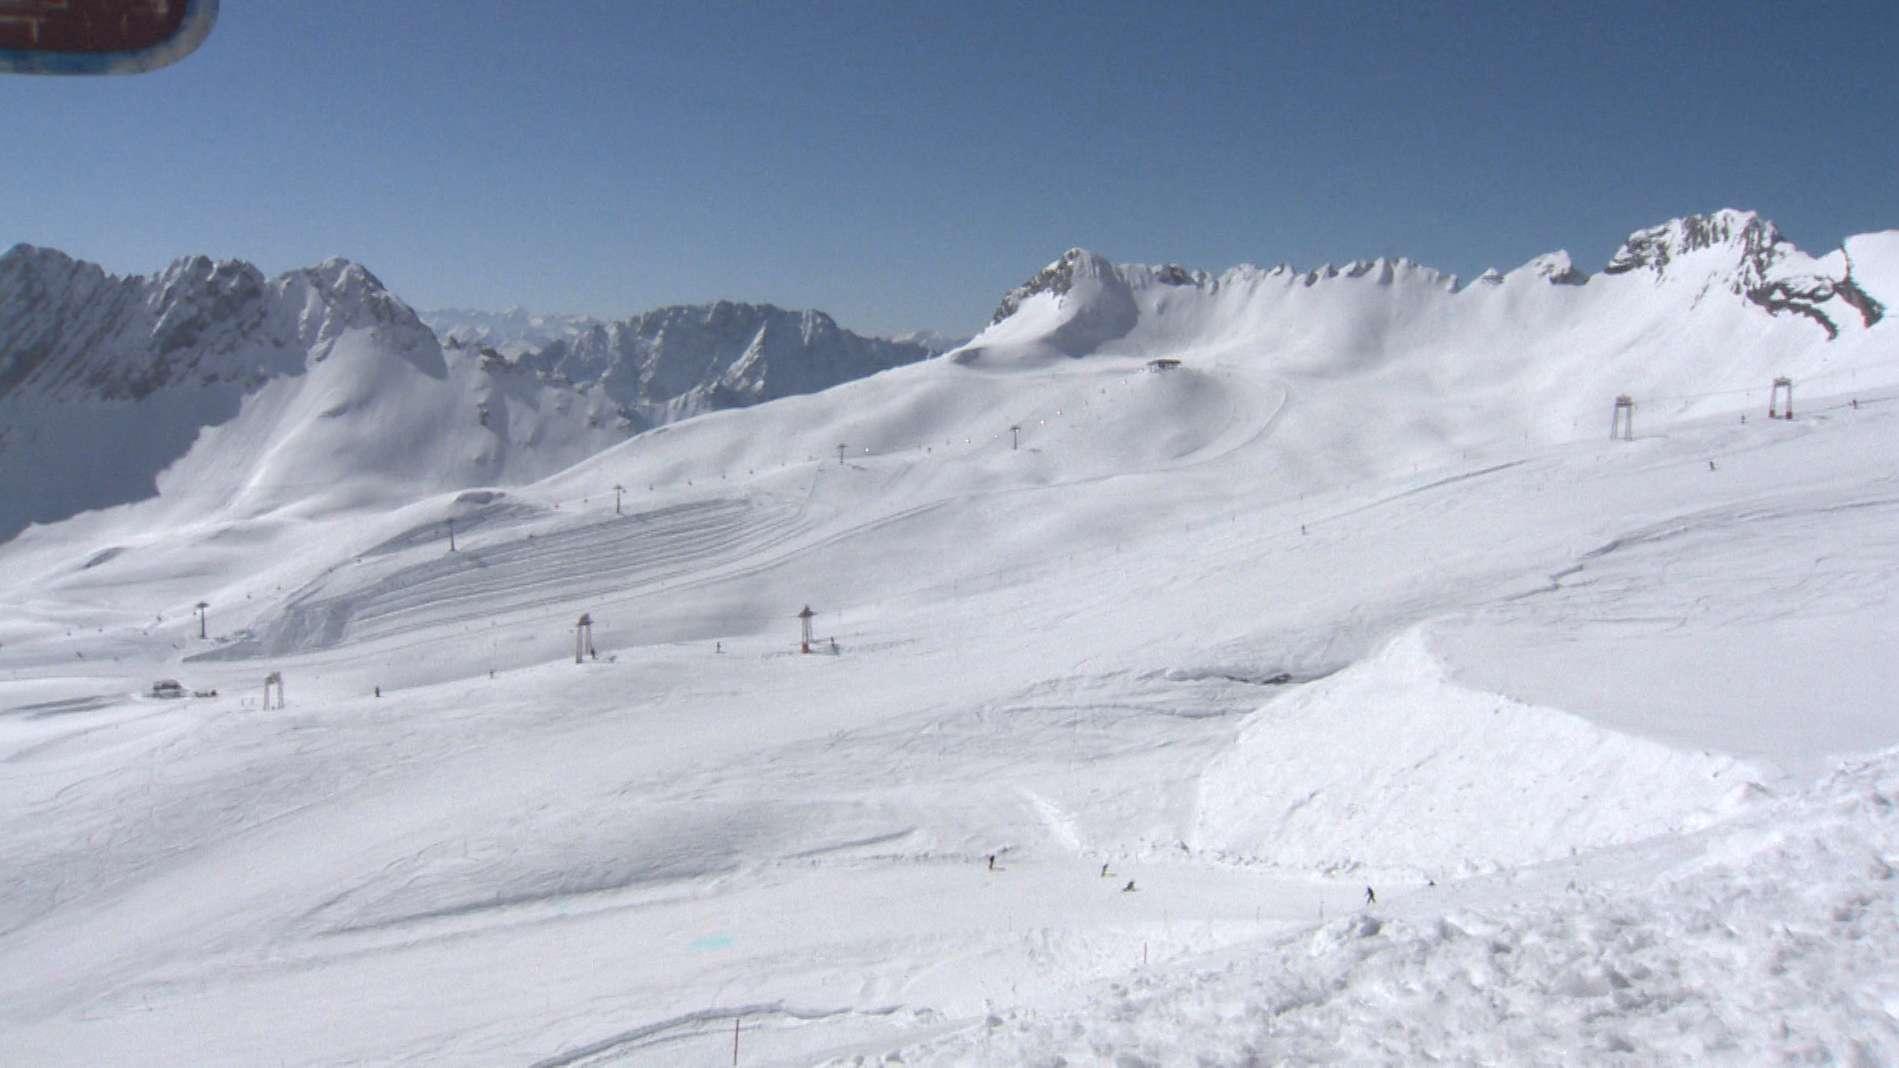 Im Tal ist Frühling, auf dem Berg noch ein Rest Winter. Aber auch auf der Zugspitze endet allmählich die Skisaison - noch können die Wintersportler die Pisten aber für letzte Abfahrten nutzen.